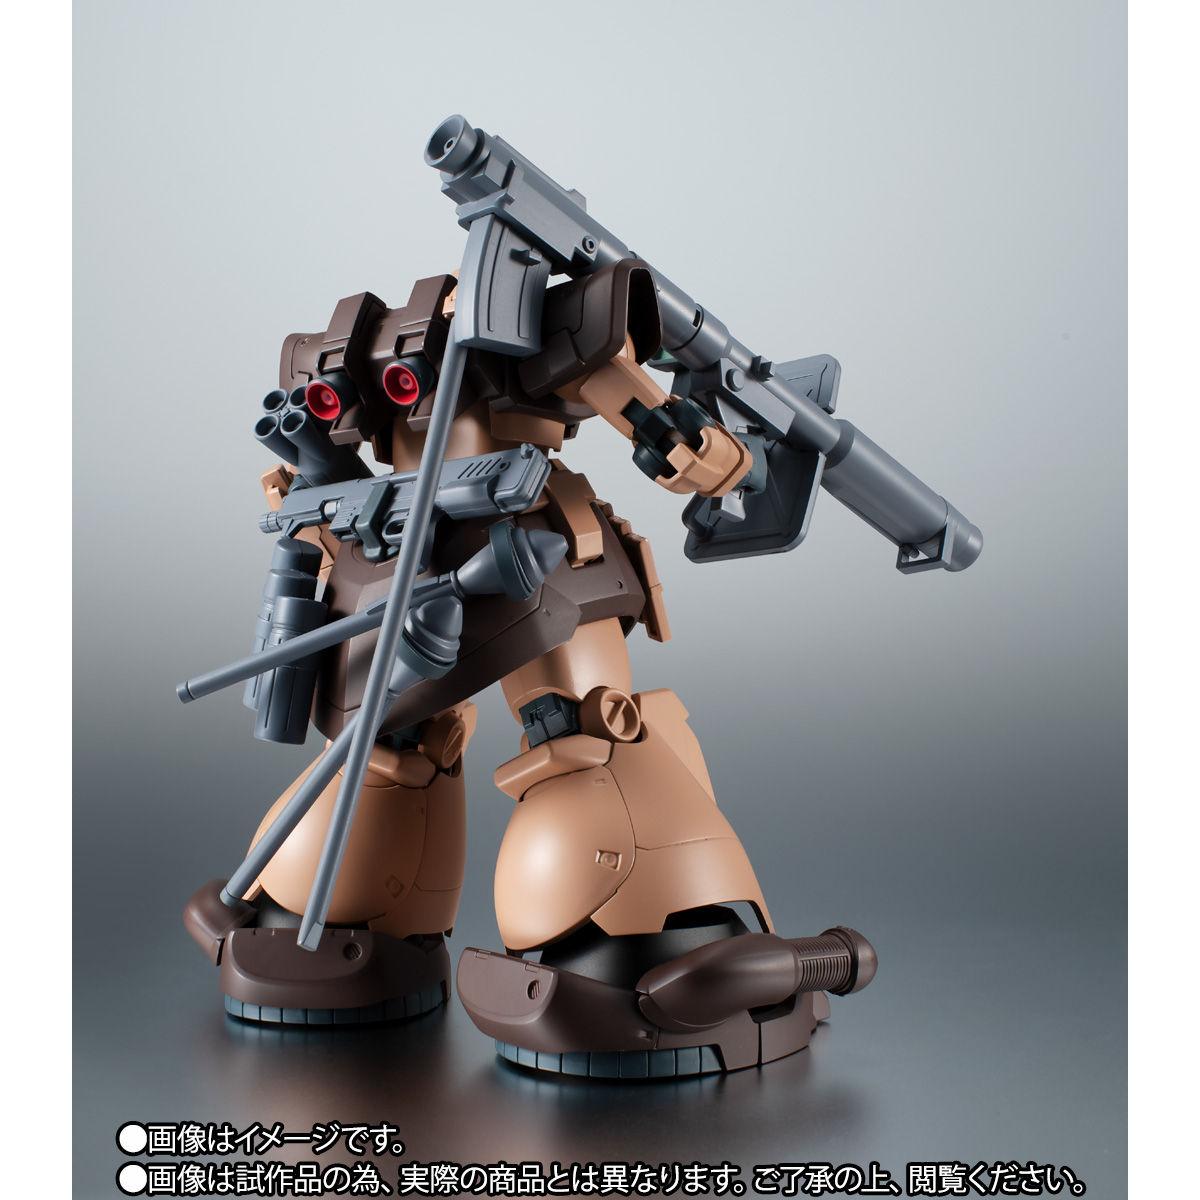 【限定販売】ROBOT魂〈SIDE MS〉『MS-09F/TROP ドム・トローペン キンバライド基地仕様 ver. A.N.I.M.E.』ガンダム0083 可動フィギュア-009